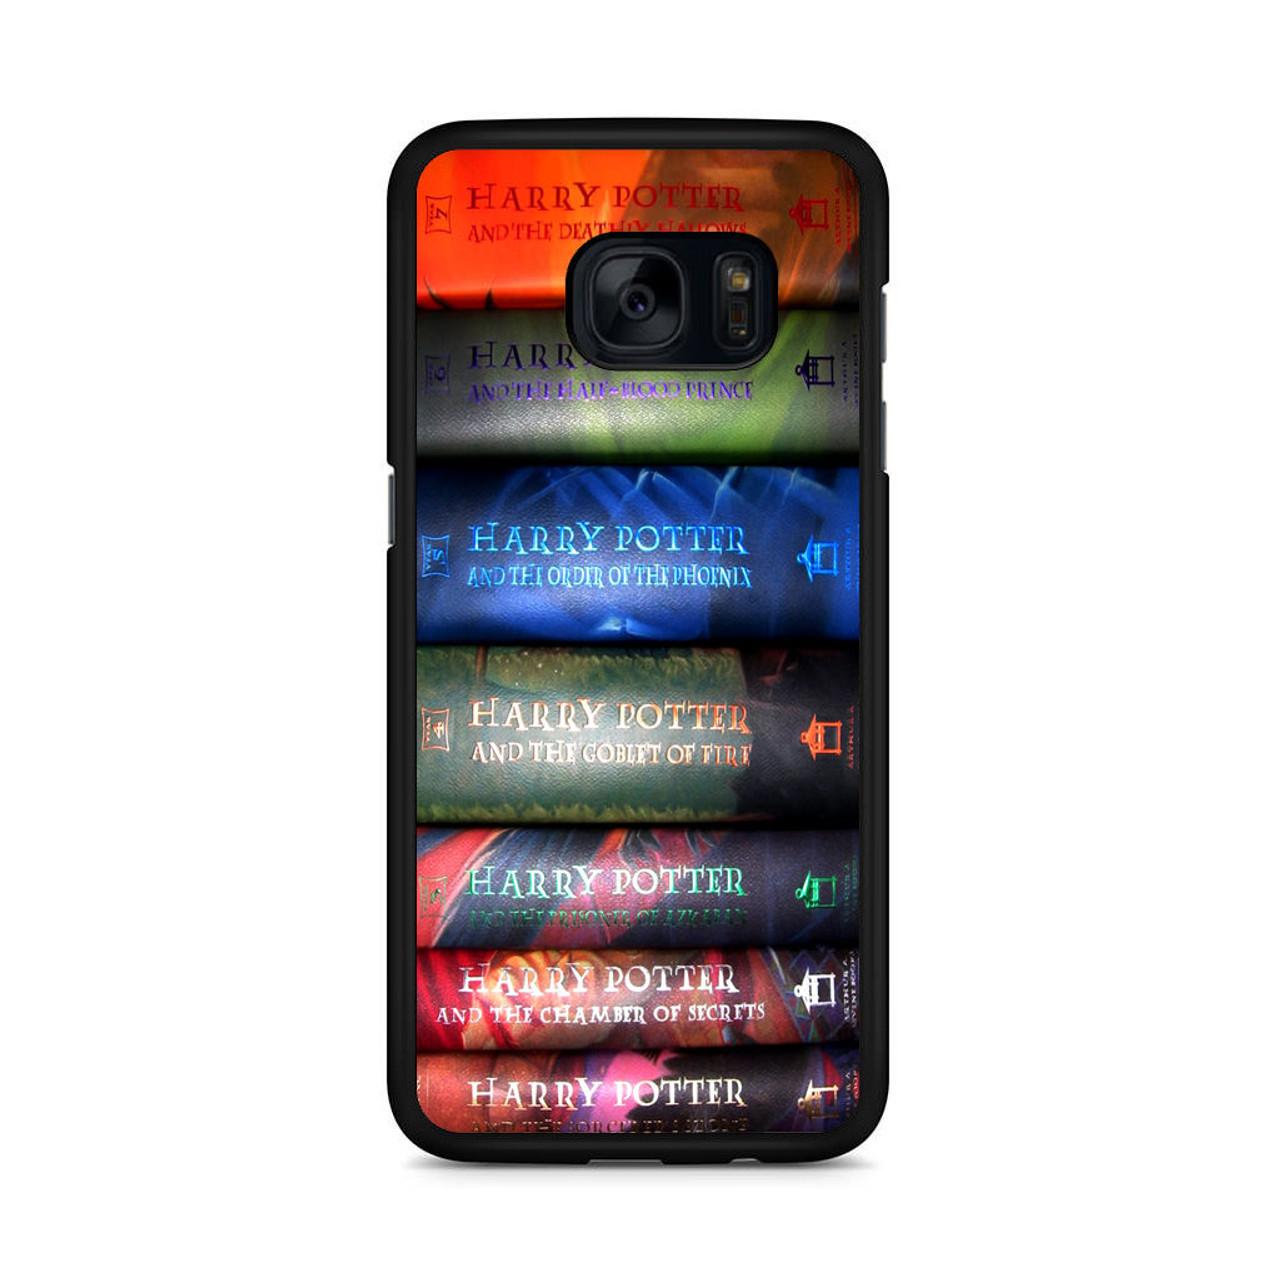 e0c73c2c54d Harry Potter All 7 Book Samsung Galaxy S7 Edge Case - CASESHUNTER